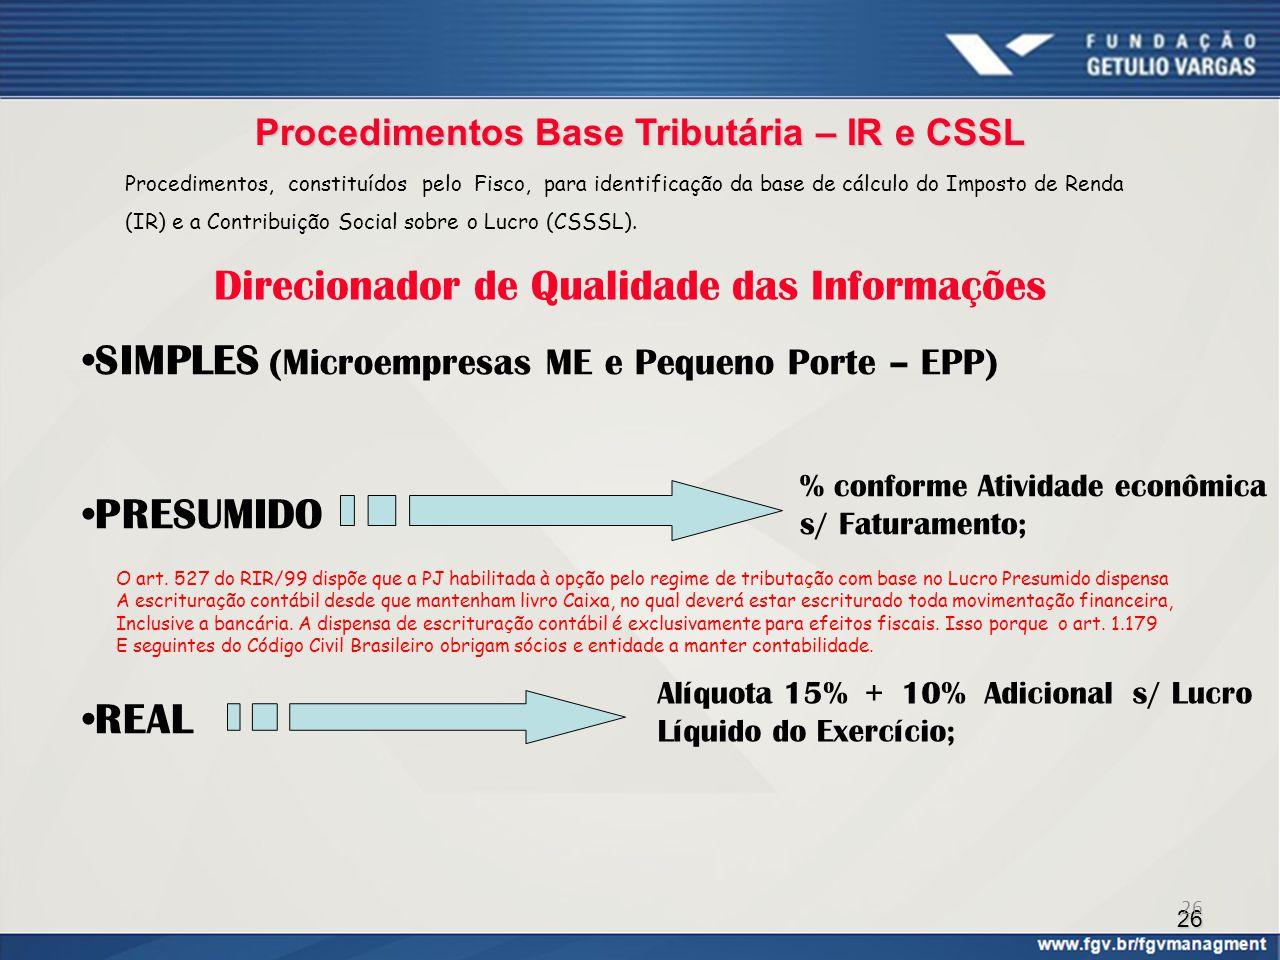 Procedimentos Base Tributária – IR e CSSL